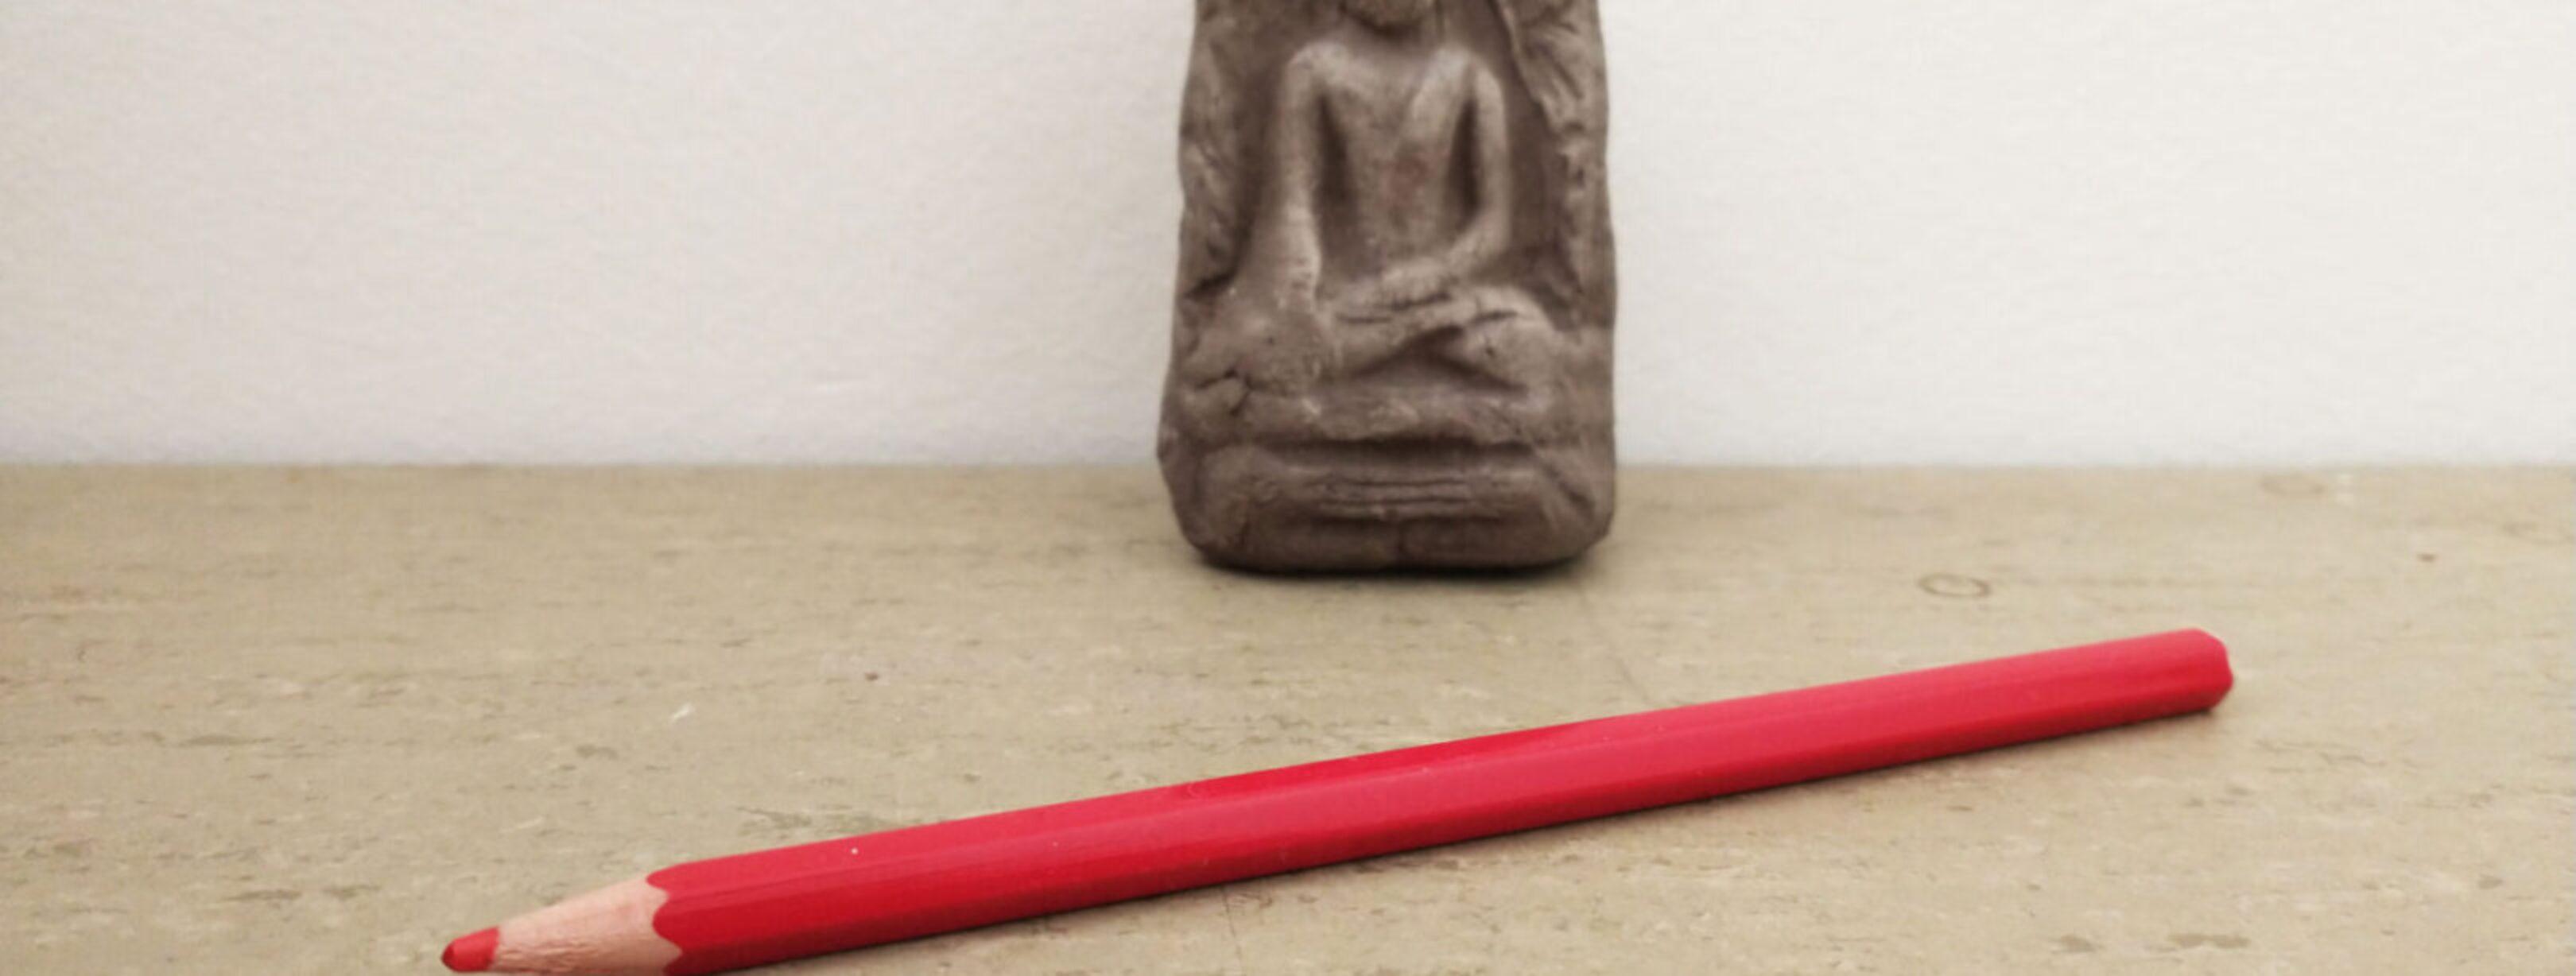 stemadvies-van-boeddhisten